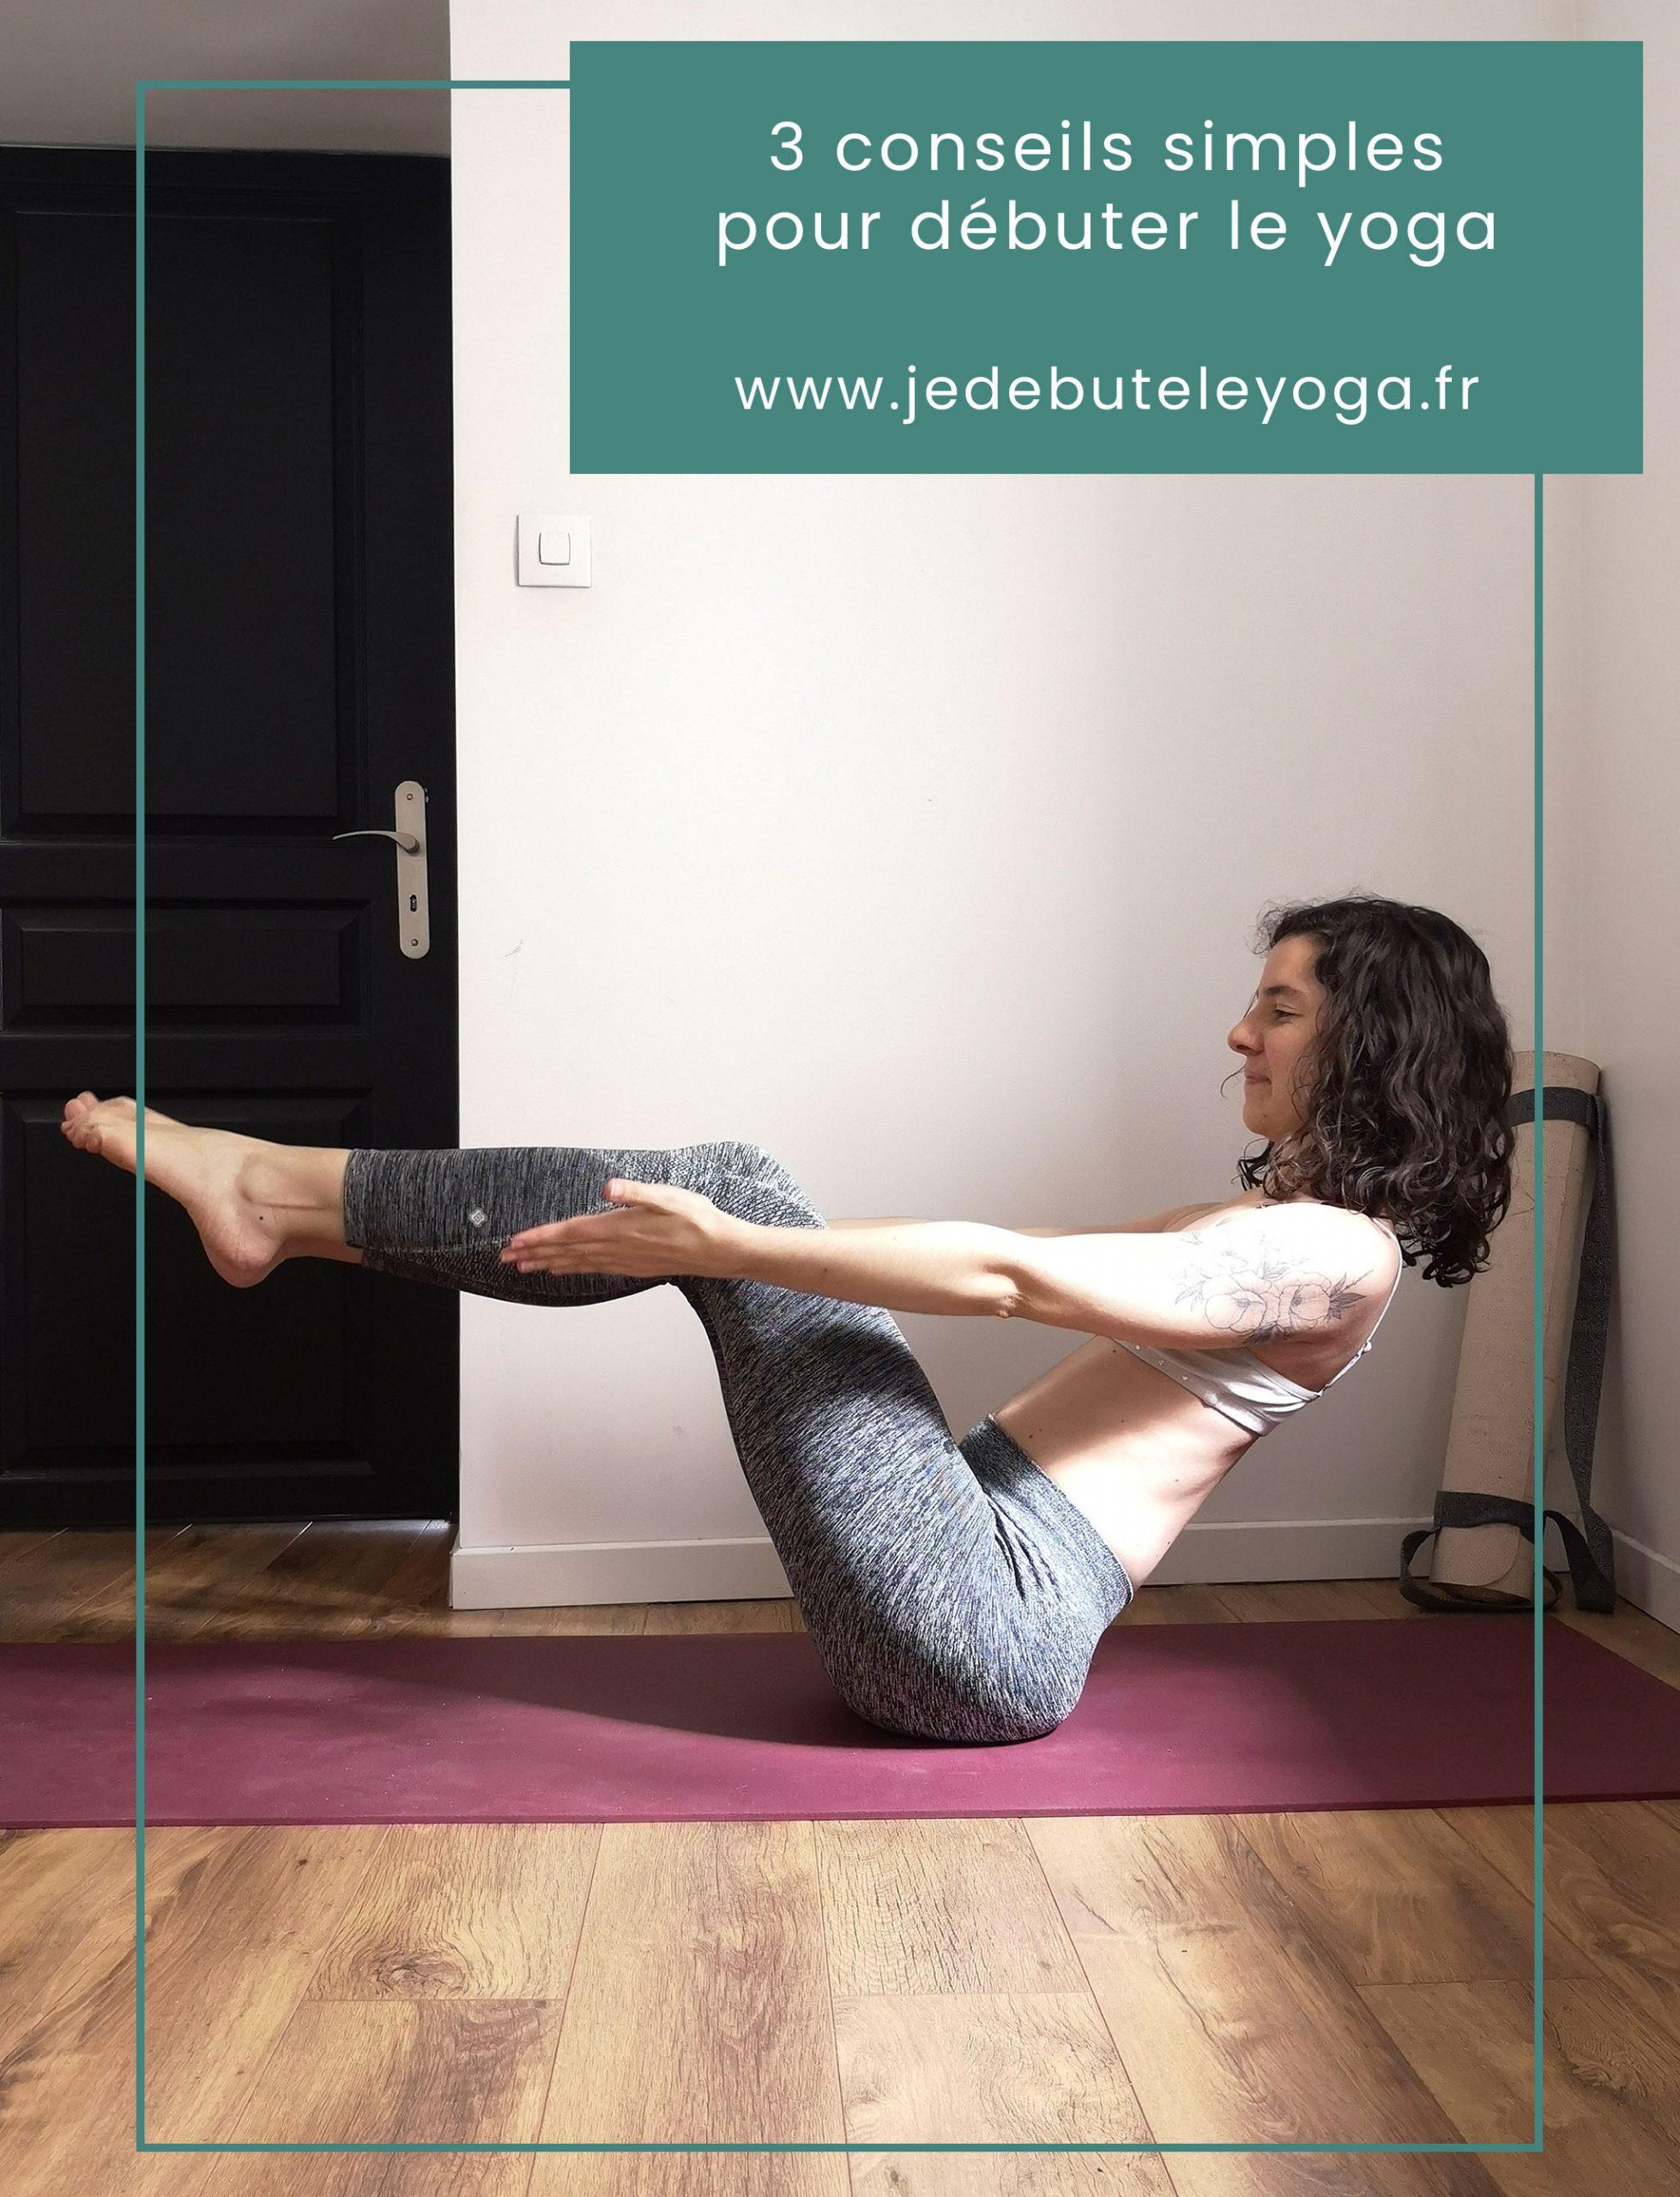 3 conseils pour se mettre au yoga simplement